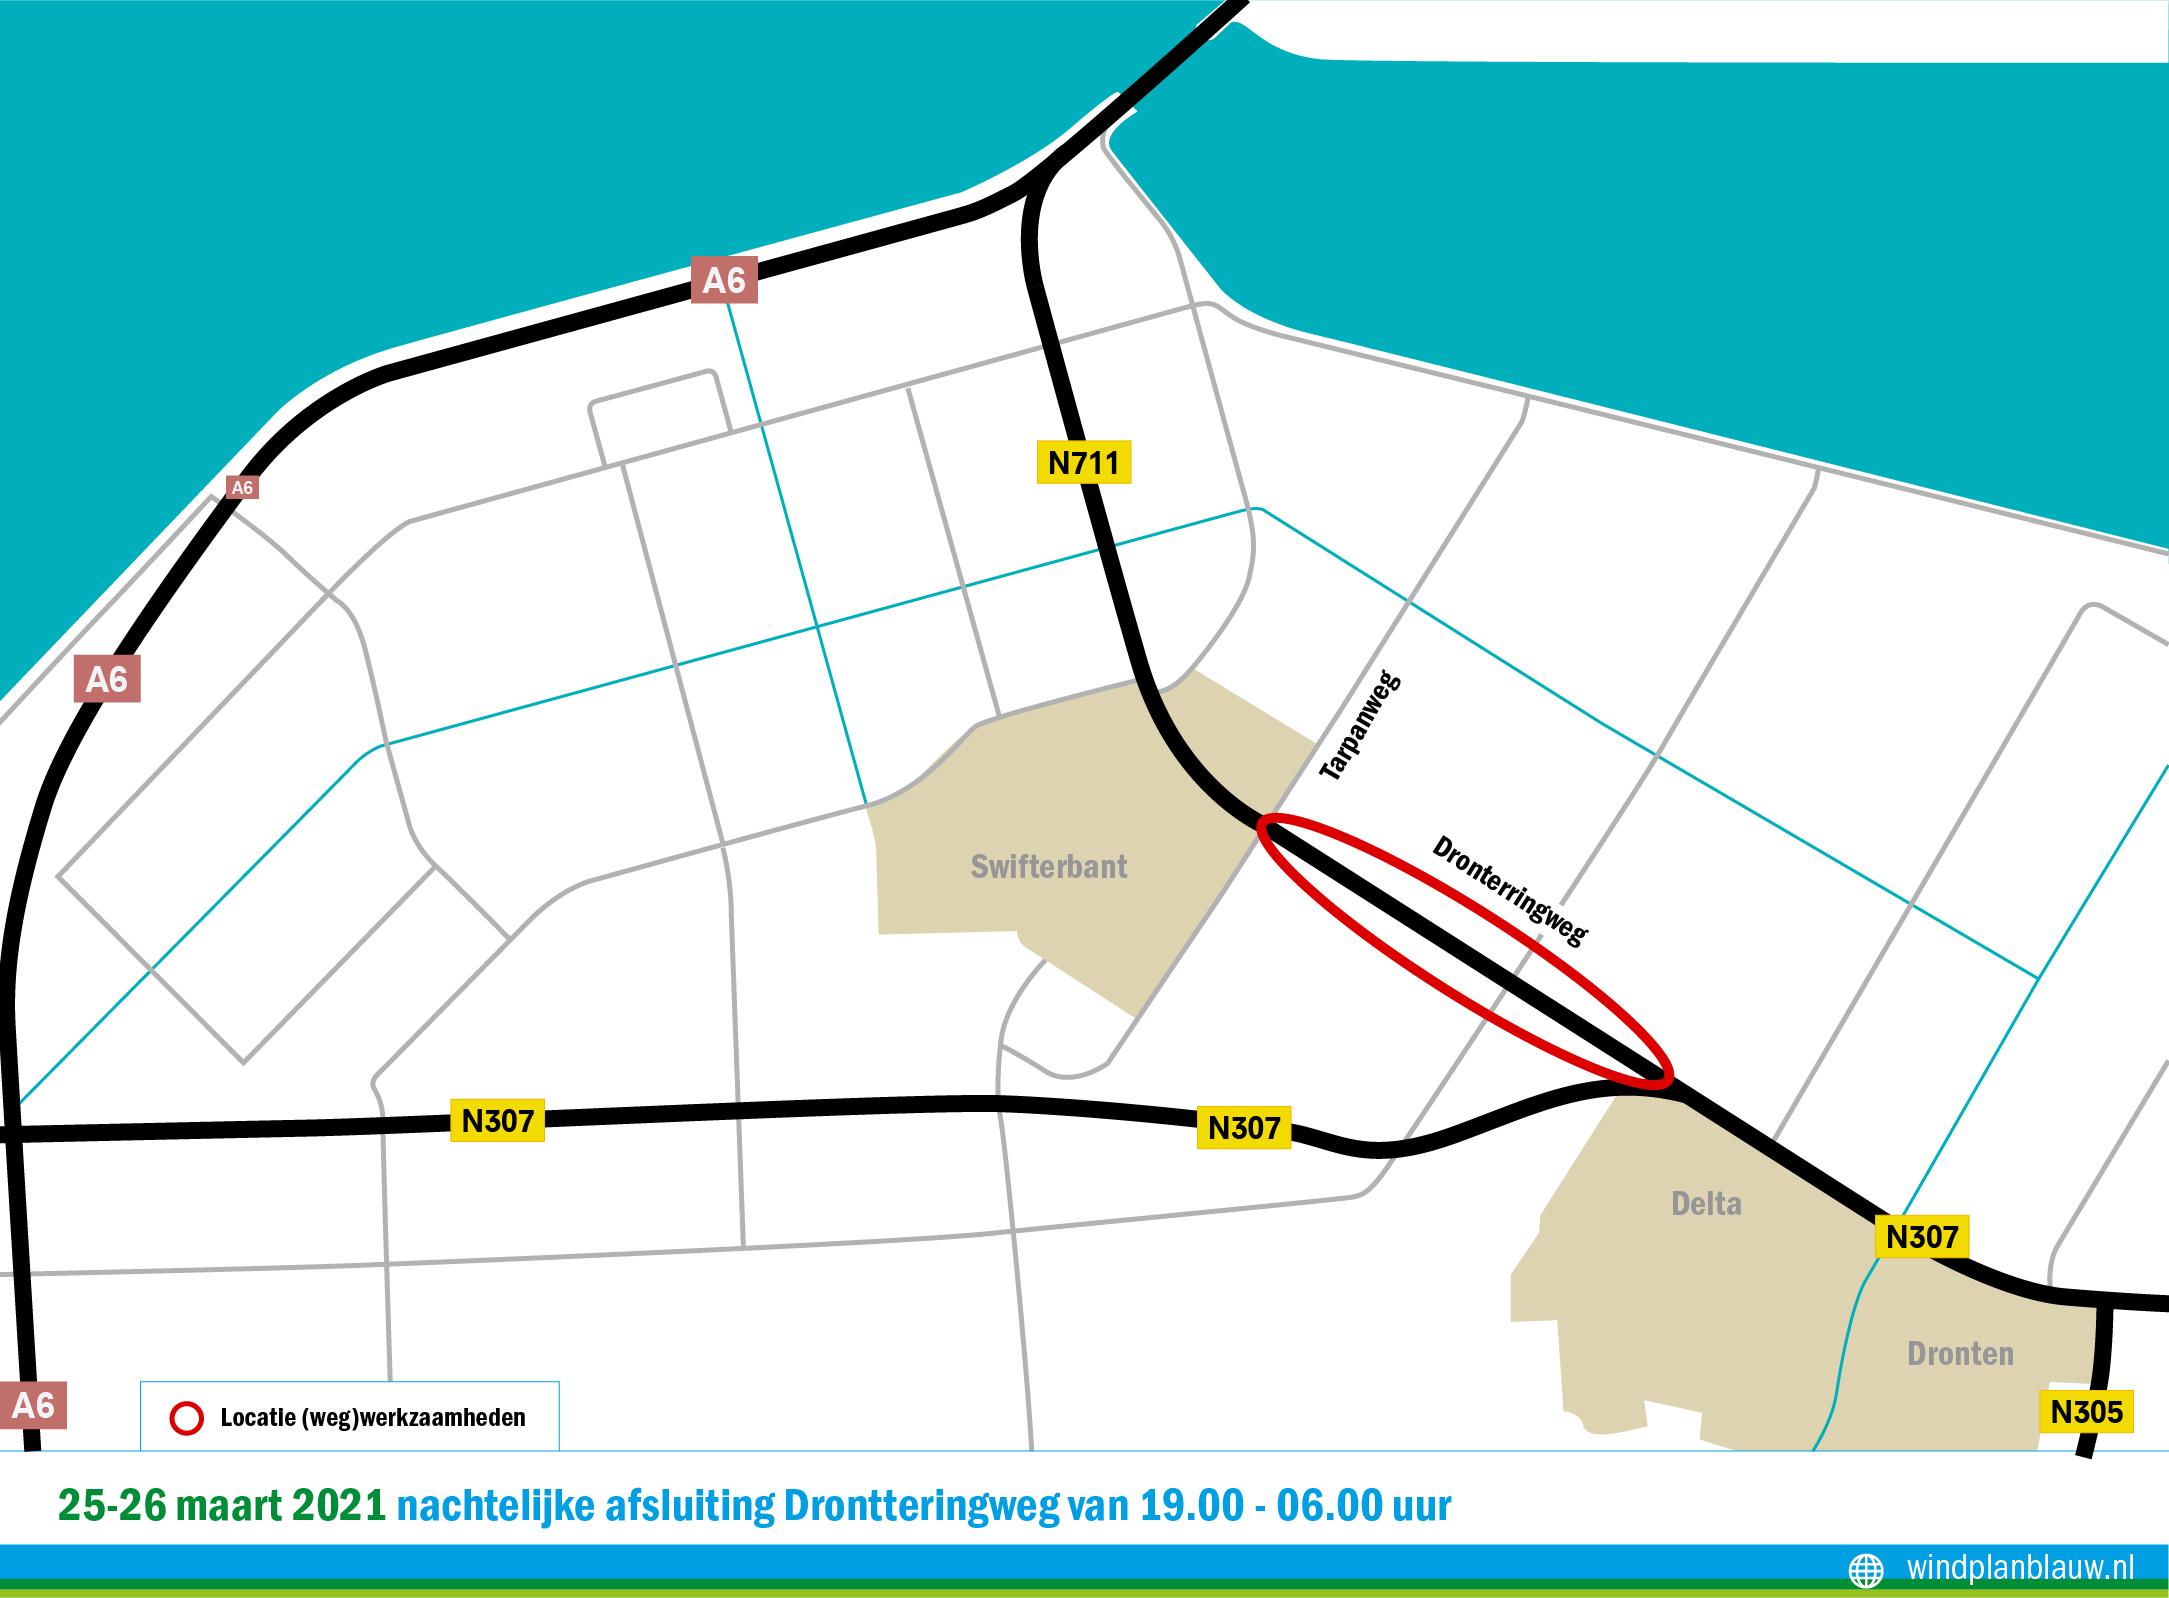 25-26 maart nachtelijke afsluiting deel Dronterringweg